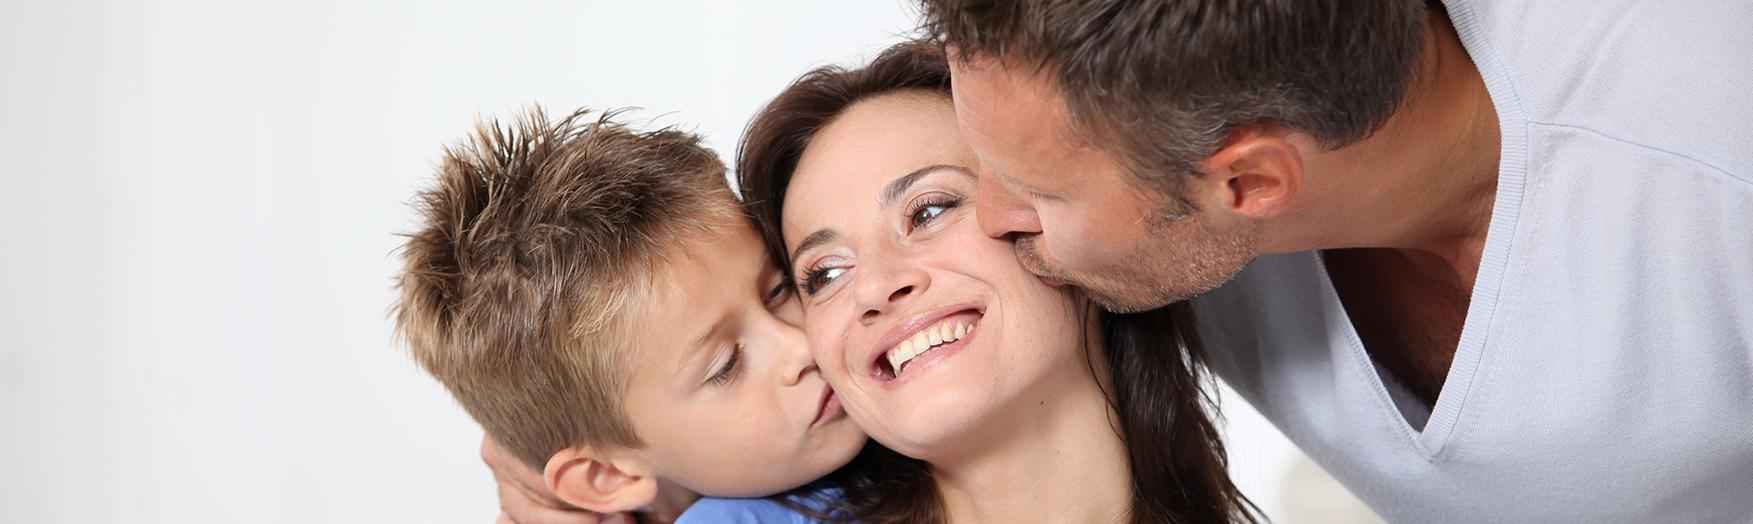 PRESTAVLJENO: Praznovanje materinskega dne in dneva žena